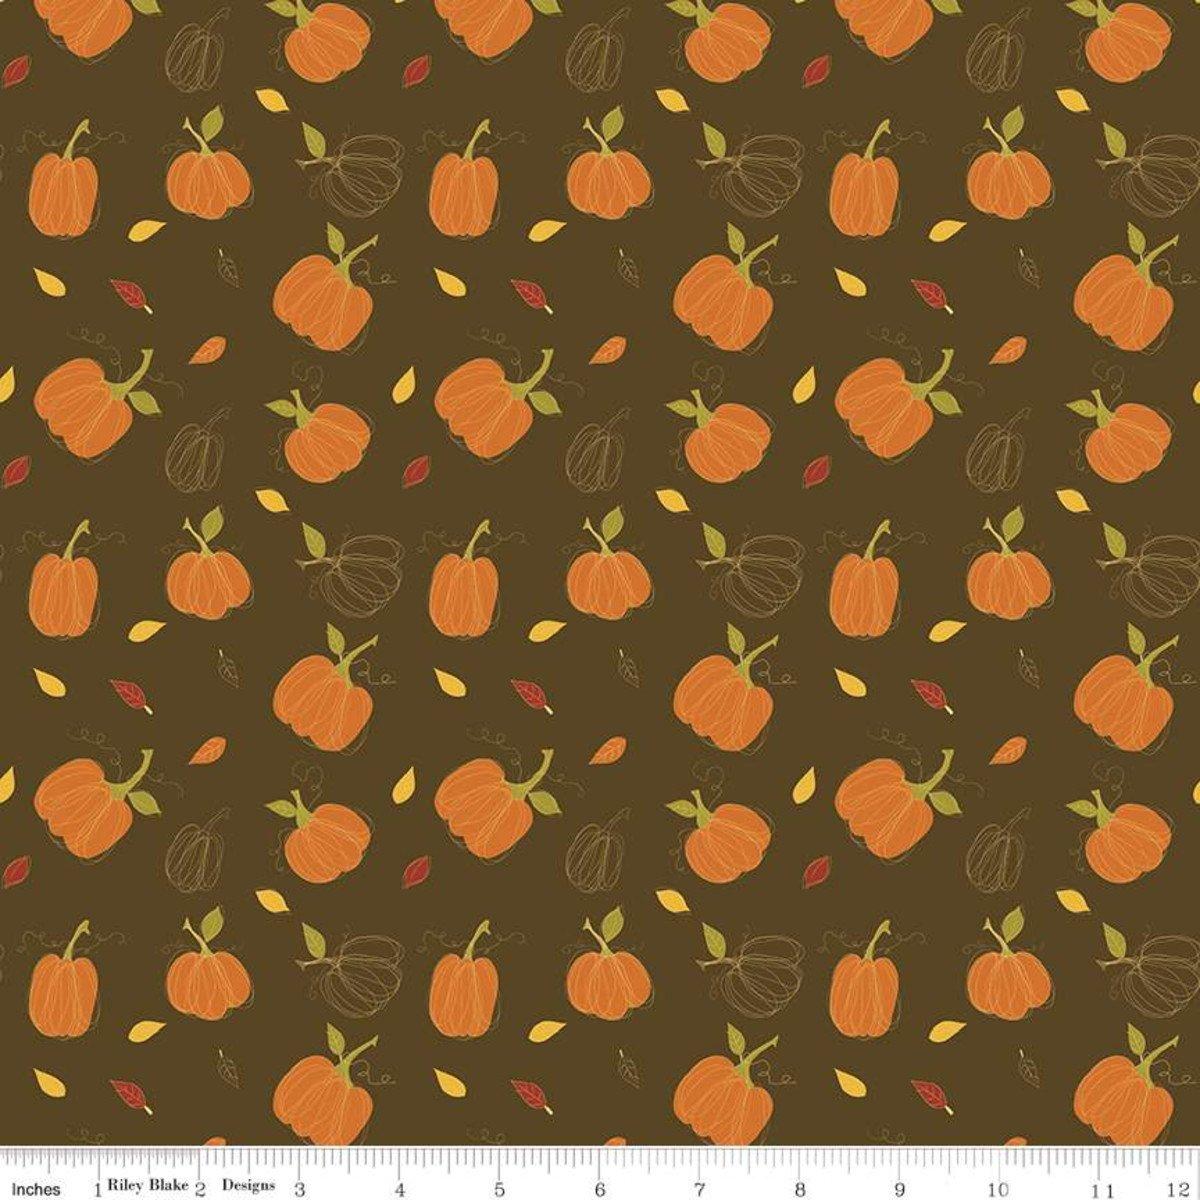 C10821 Chocolate Pumpkins Adel in Autumn